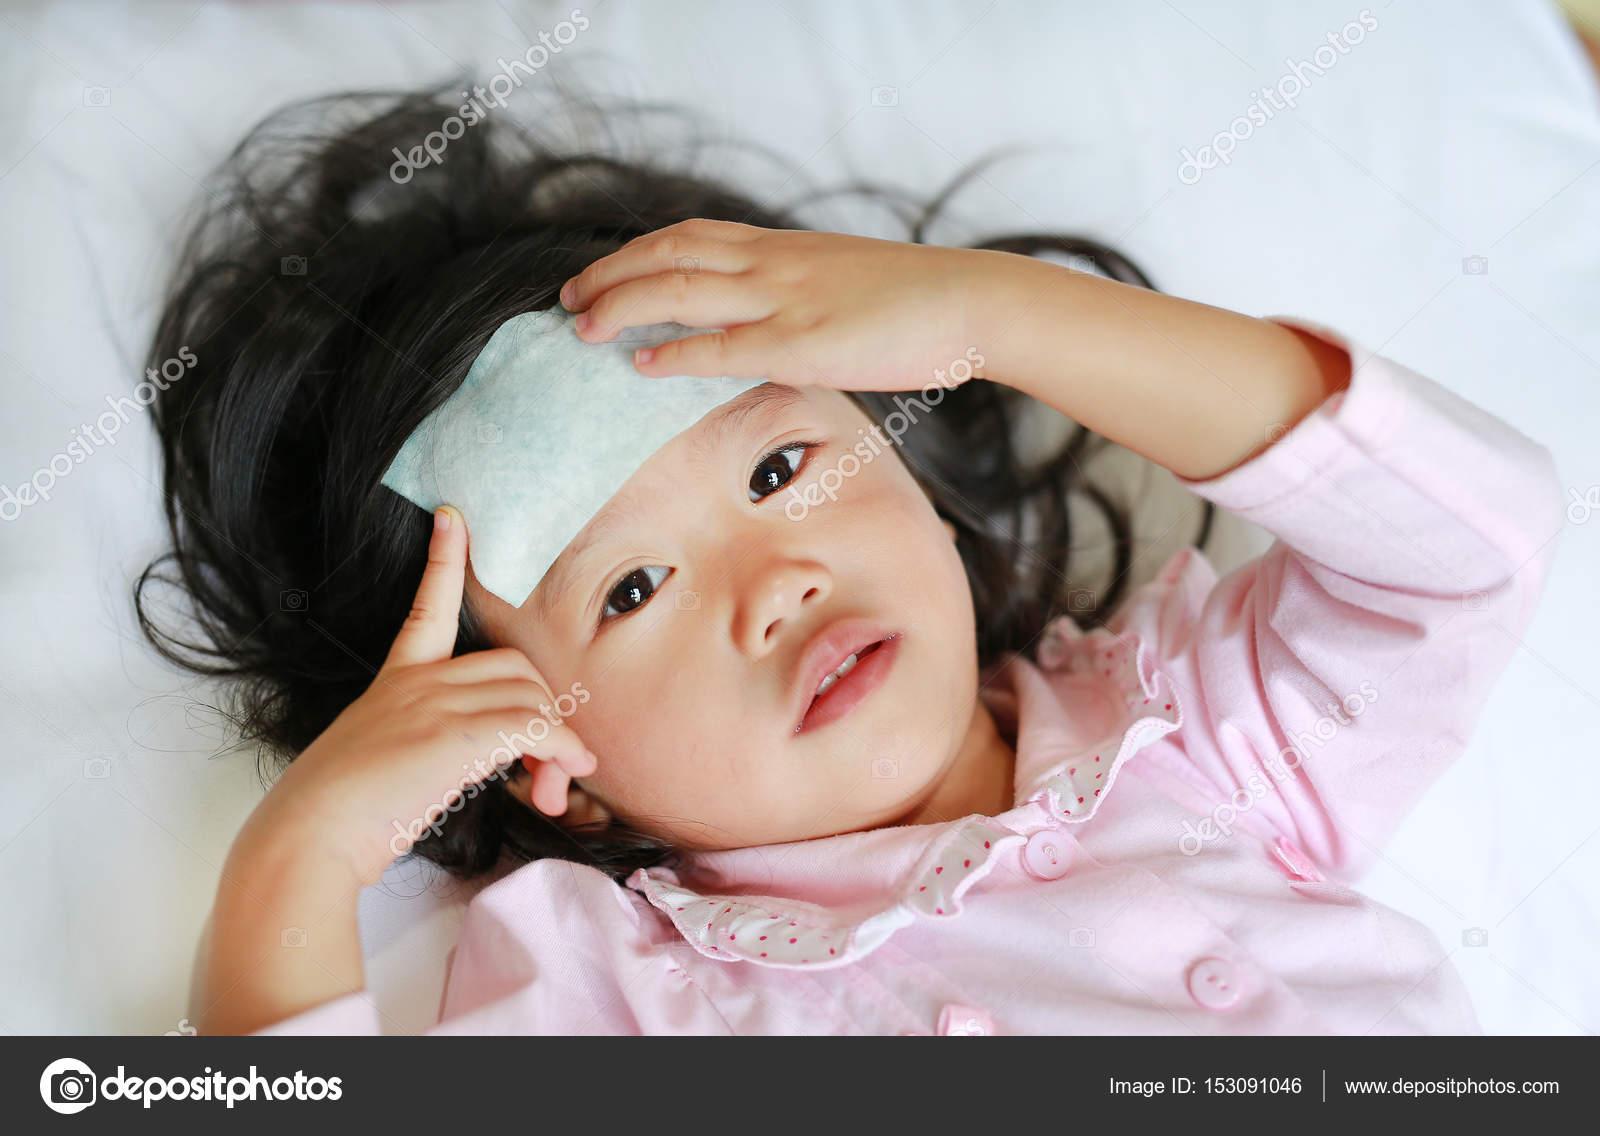 petite fille malade allong sur le lit avec un cool jell sur sa t te photographie civic dm. Black Bedroom Furniture Sets. Home Design Ideas